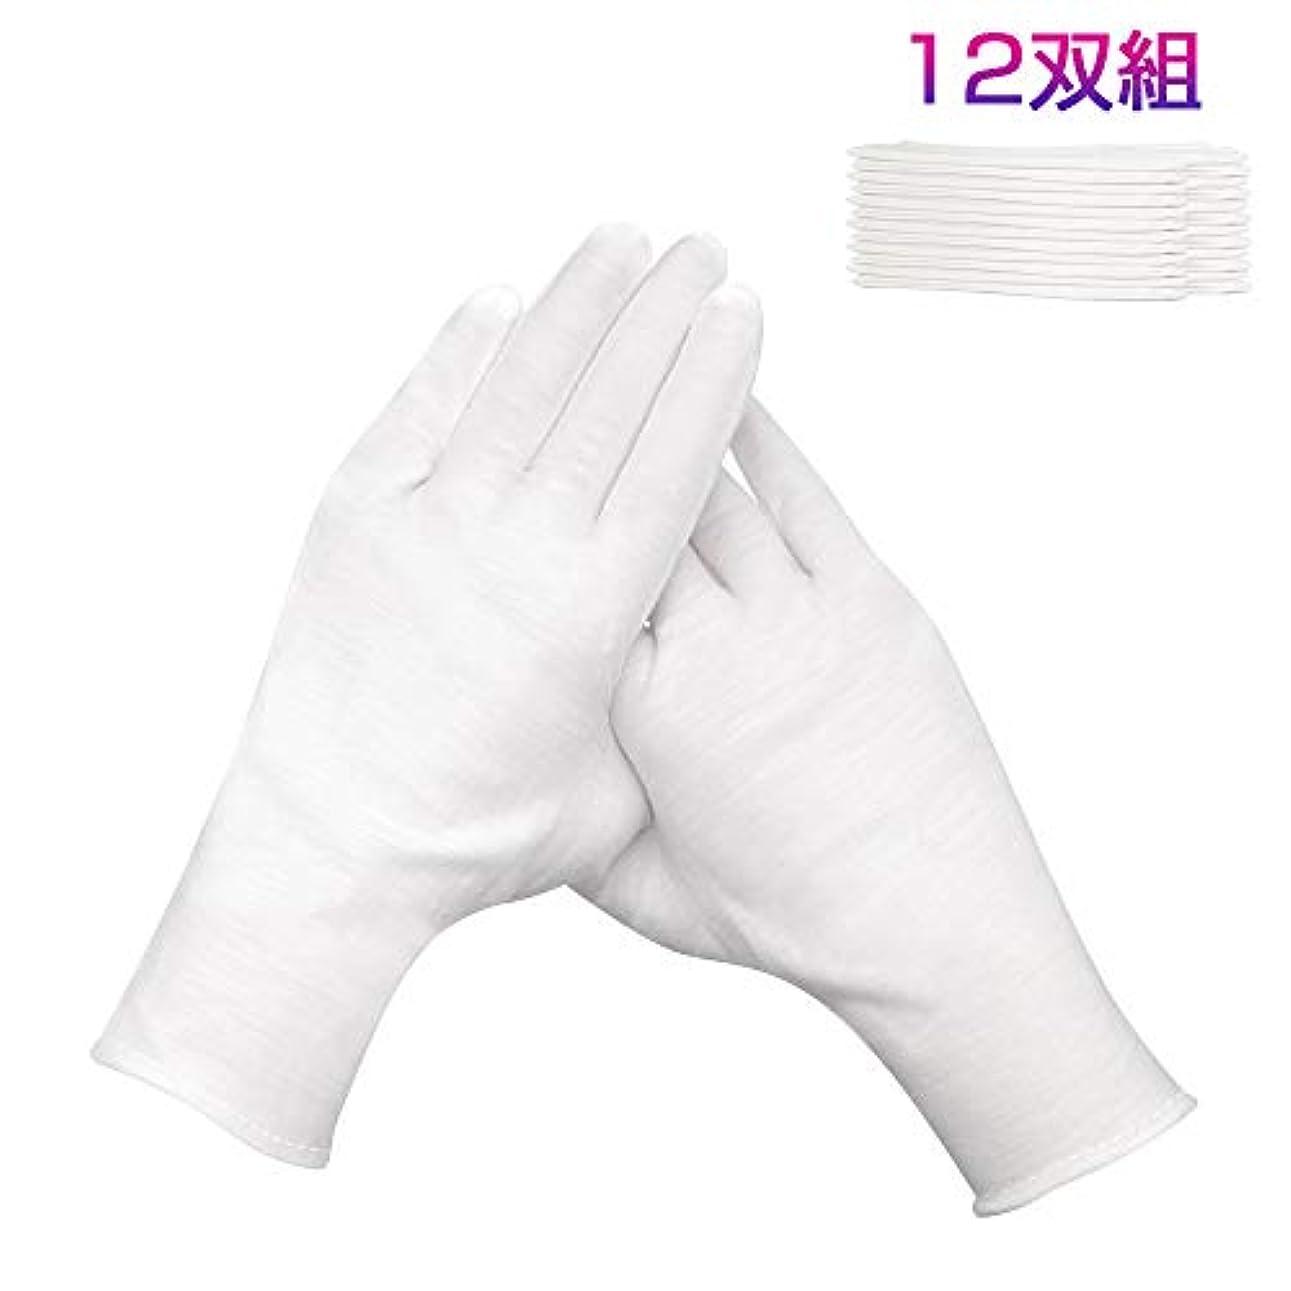 区閲覧するニックネームHUYOU コットン手袋 綿手袋 インナーコットン 綿コットン 使い捨て 白手荒れ予防 100%純綿 手袋 柔軟性良い 作業/湿疹/乾燥肌/保湿/家事/礼装用 男女兼用 白手袋12双組 左右兼用タイプ (フリーサイズ)